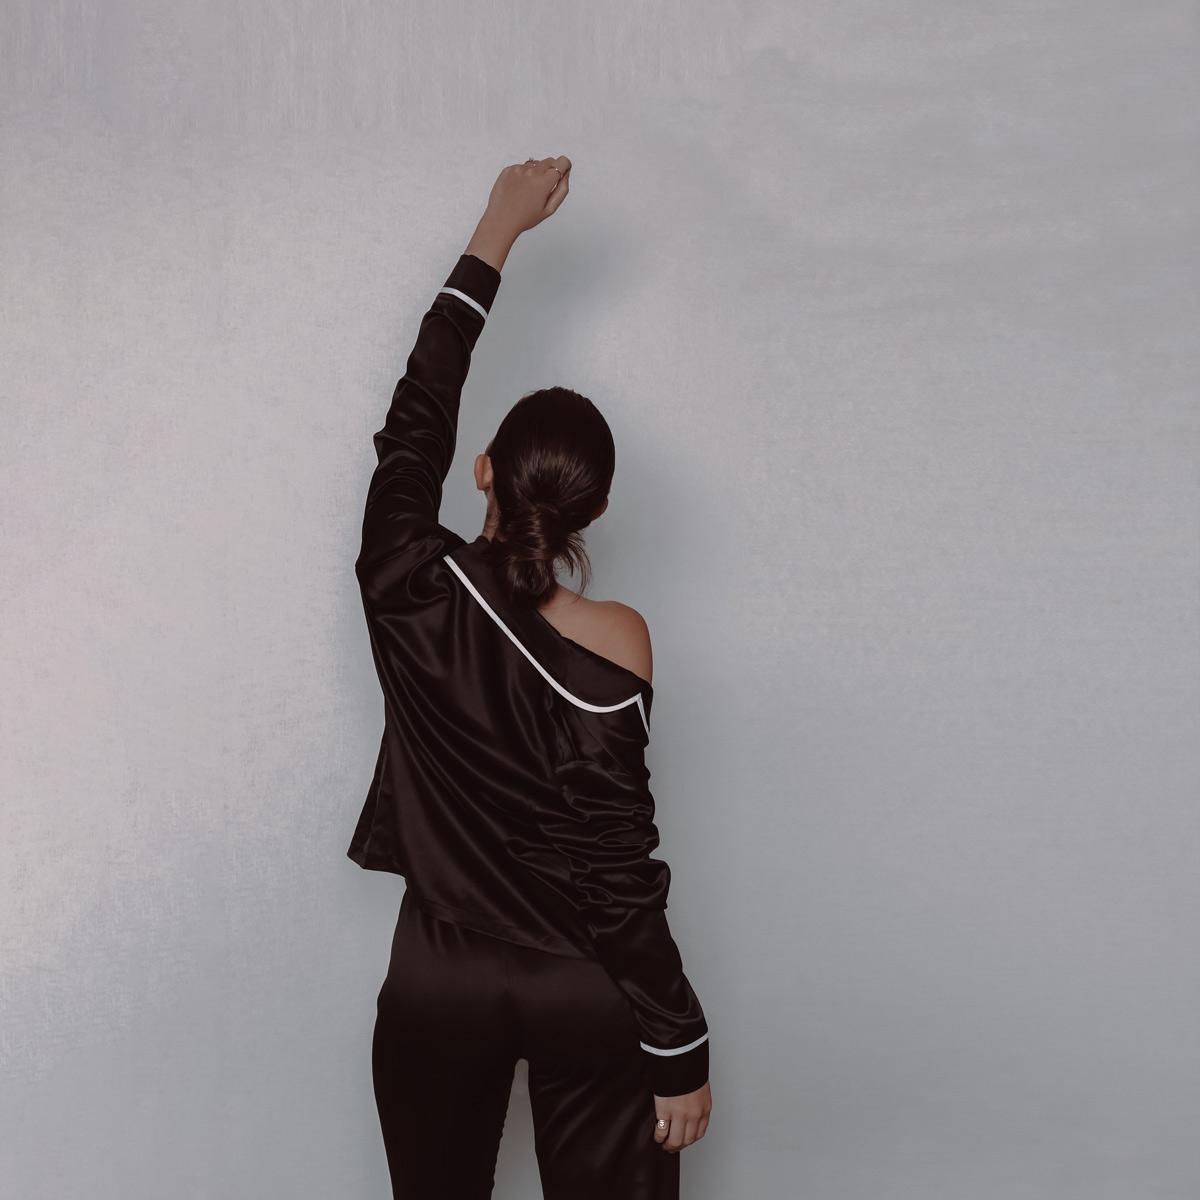 shop-personalised-pjs-sleepwear-black-winter-south-africa-topdrawer-collection-long-sleeves.jpg